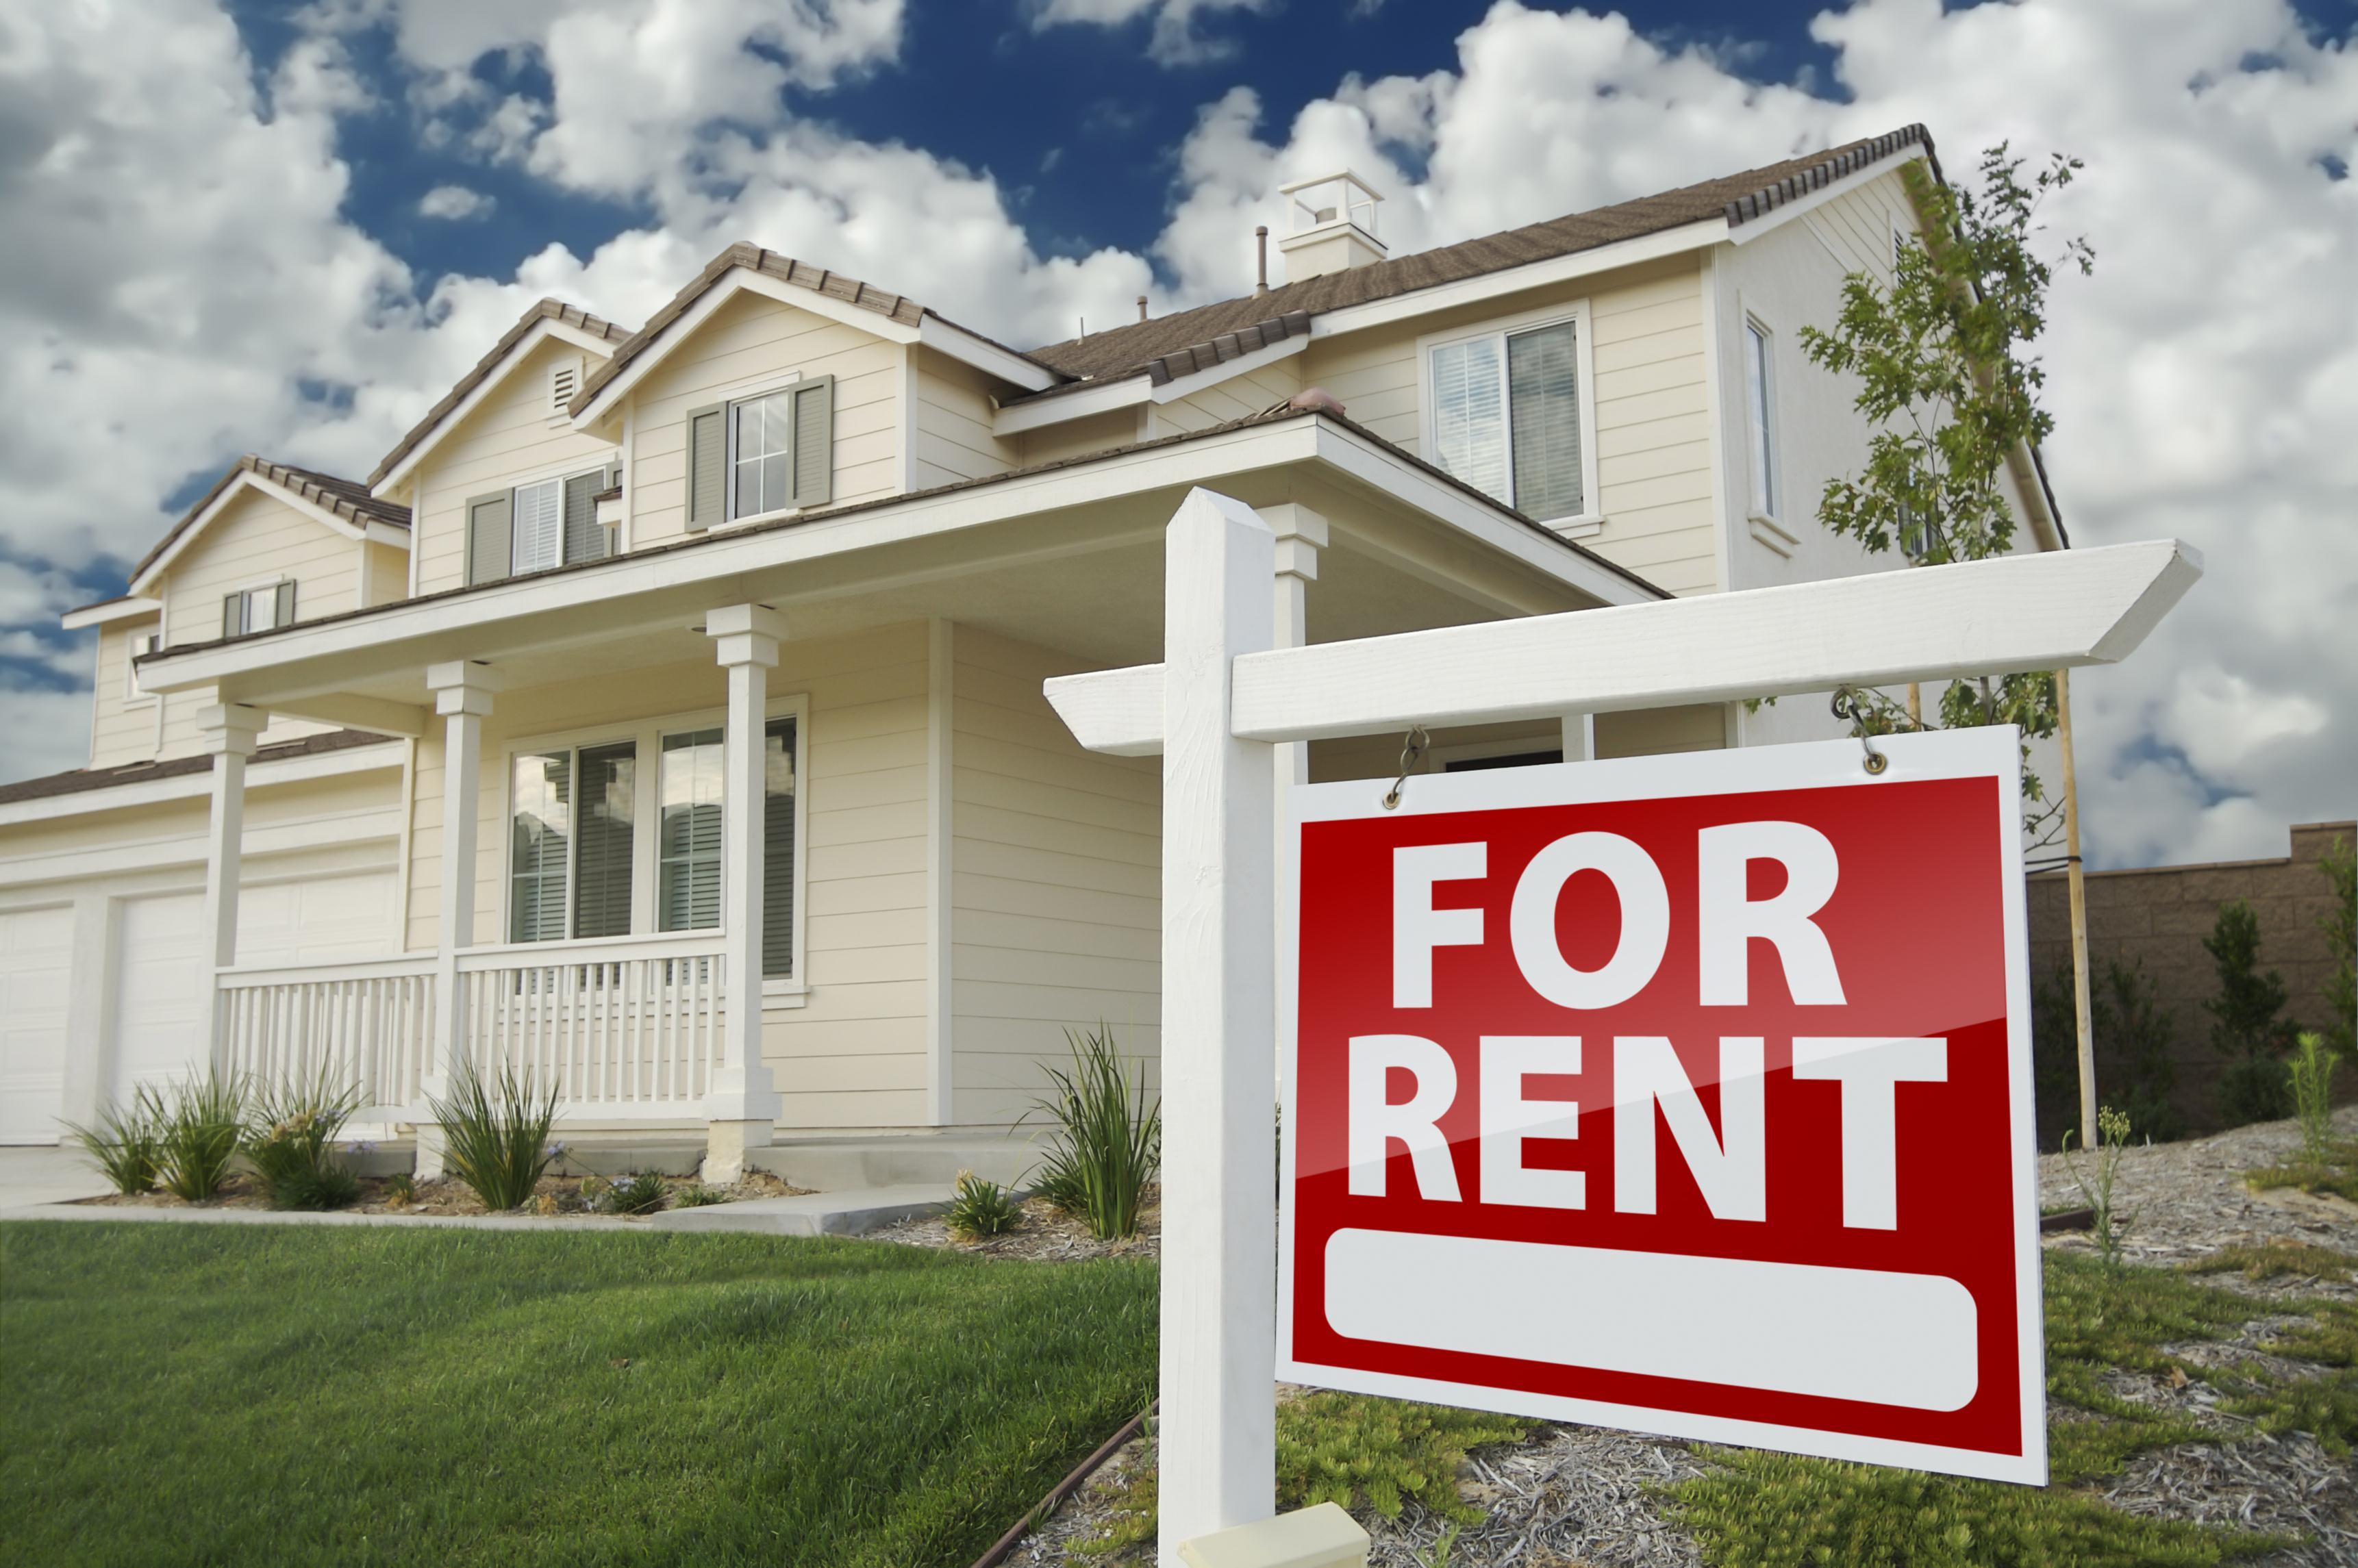 Kiếm tiền khi bất động sảnsuy giảm hiệu quả nhất